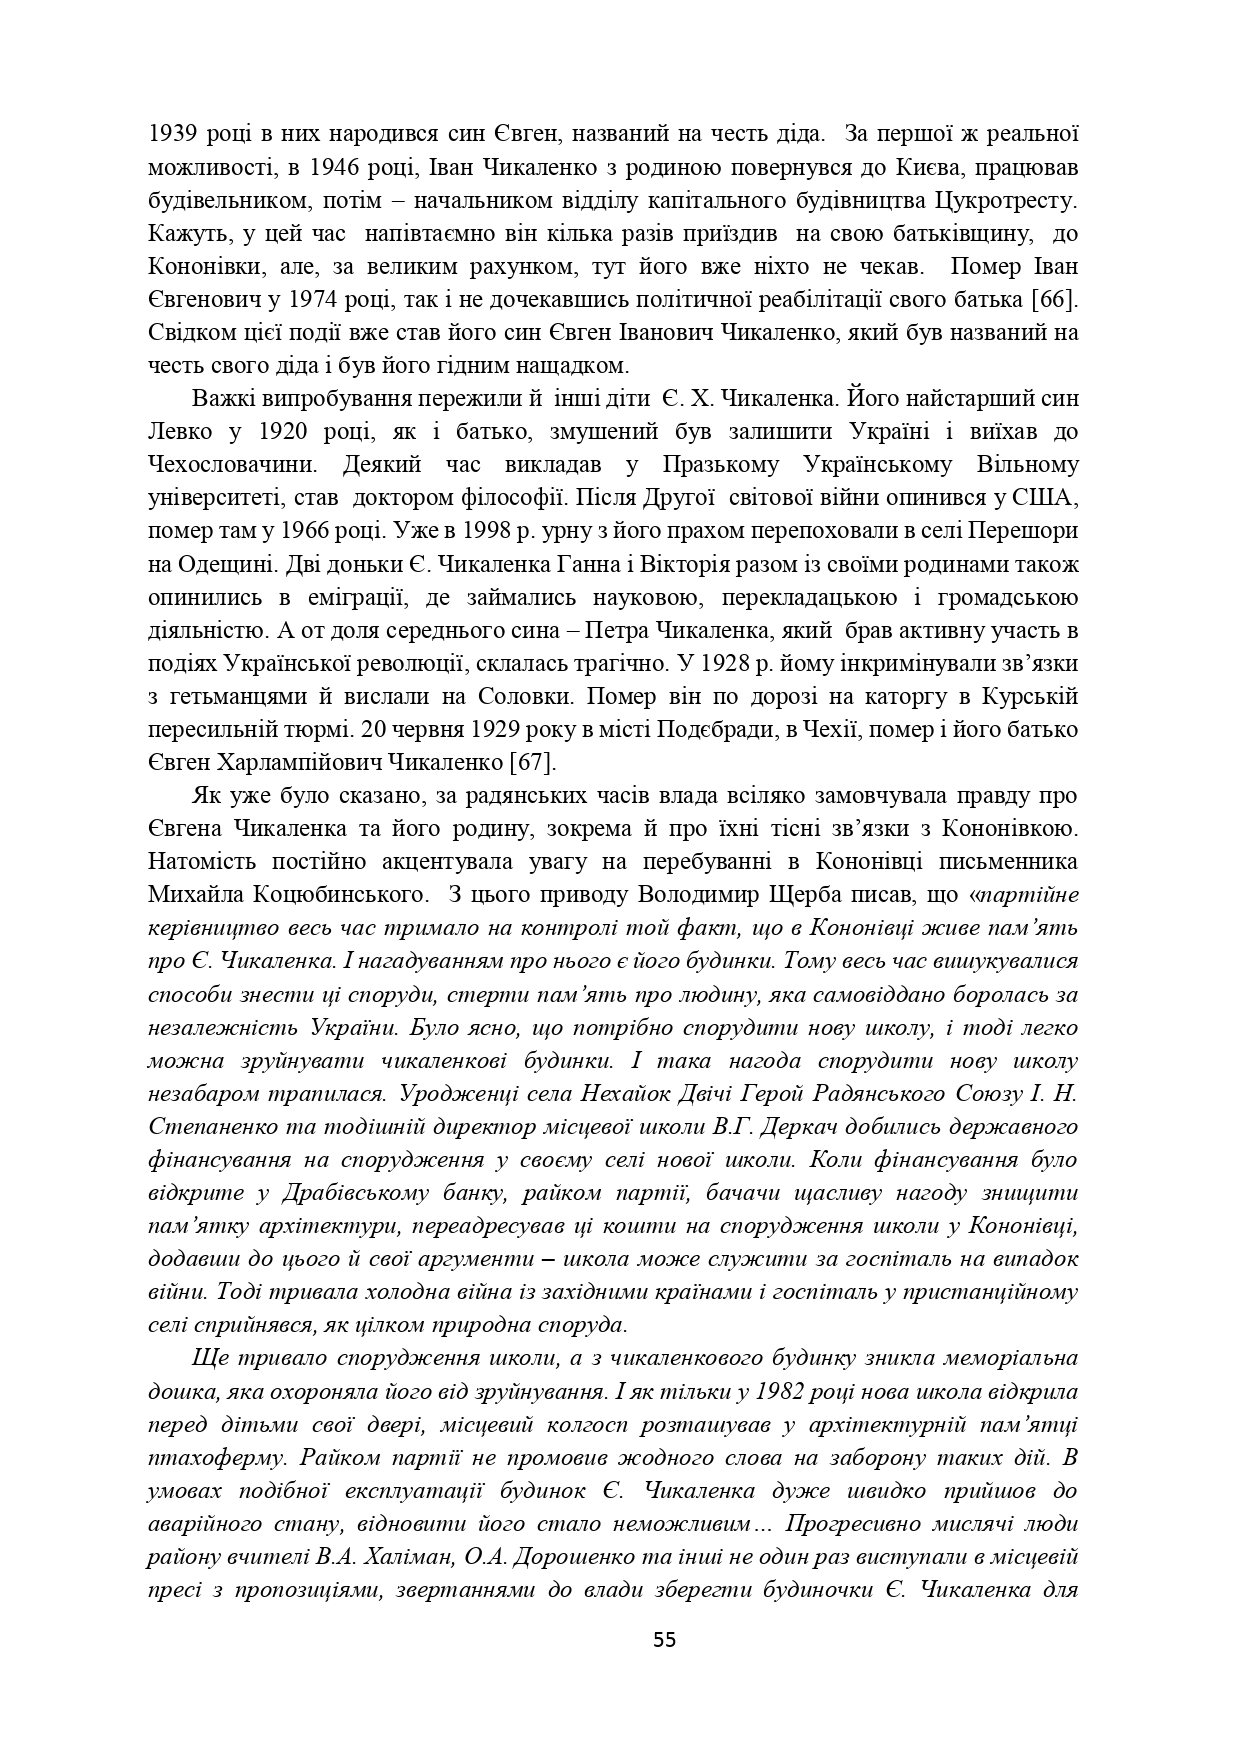 ІСТОРІЯ СЕЛА КОНОНІВКА 2021 (1)_page-0055